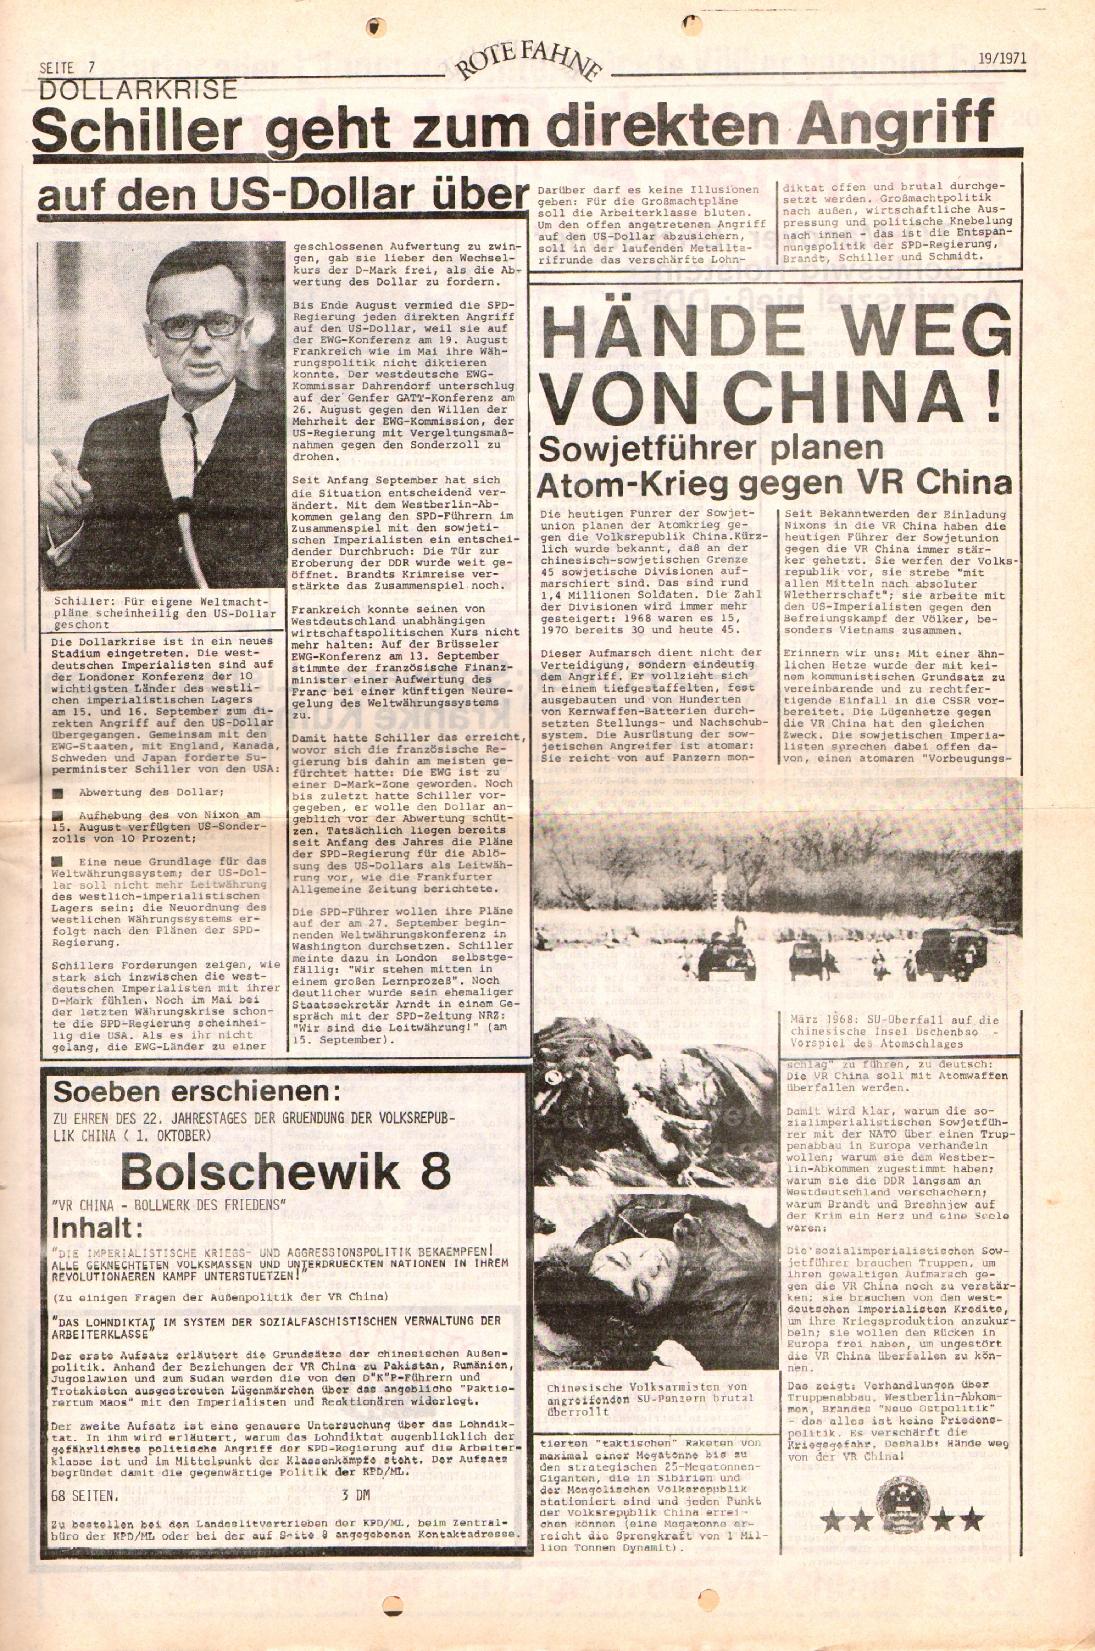 Rote Fahne, 2. Jg., 27.9.1971, Nr. 19, Seite 7